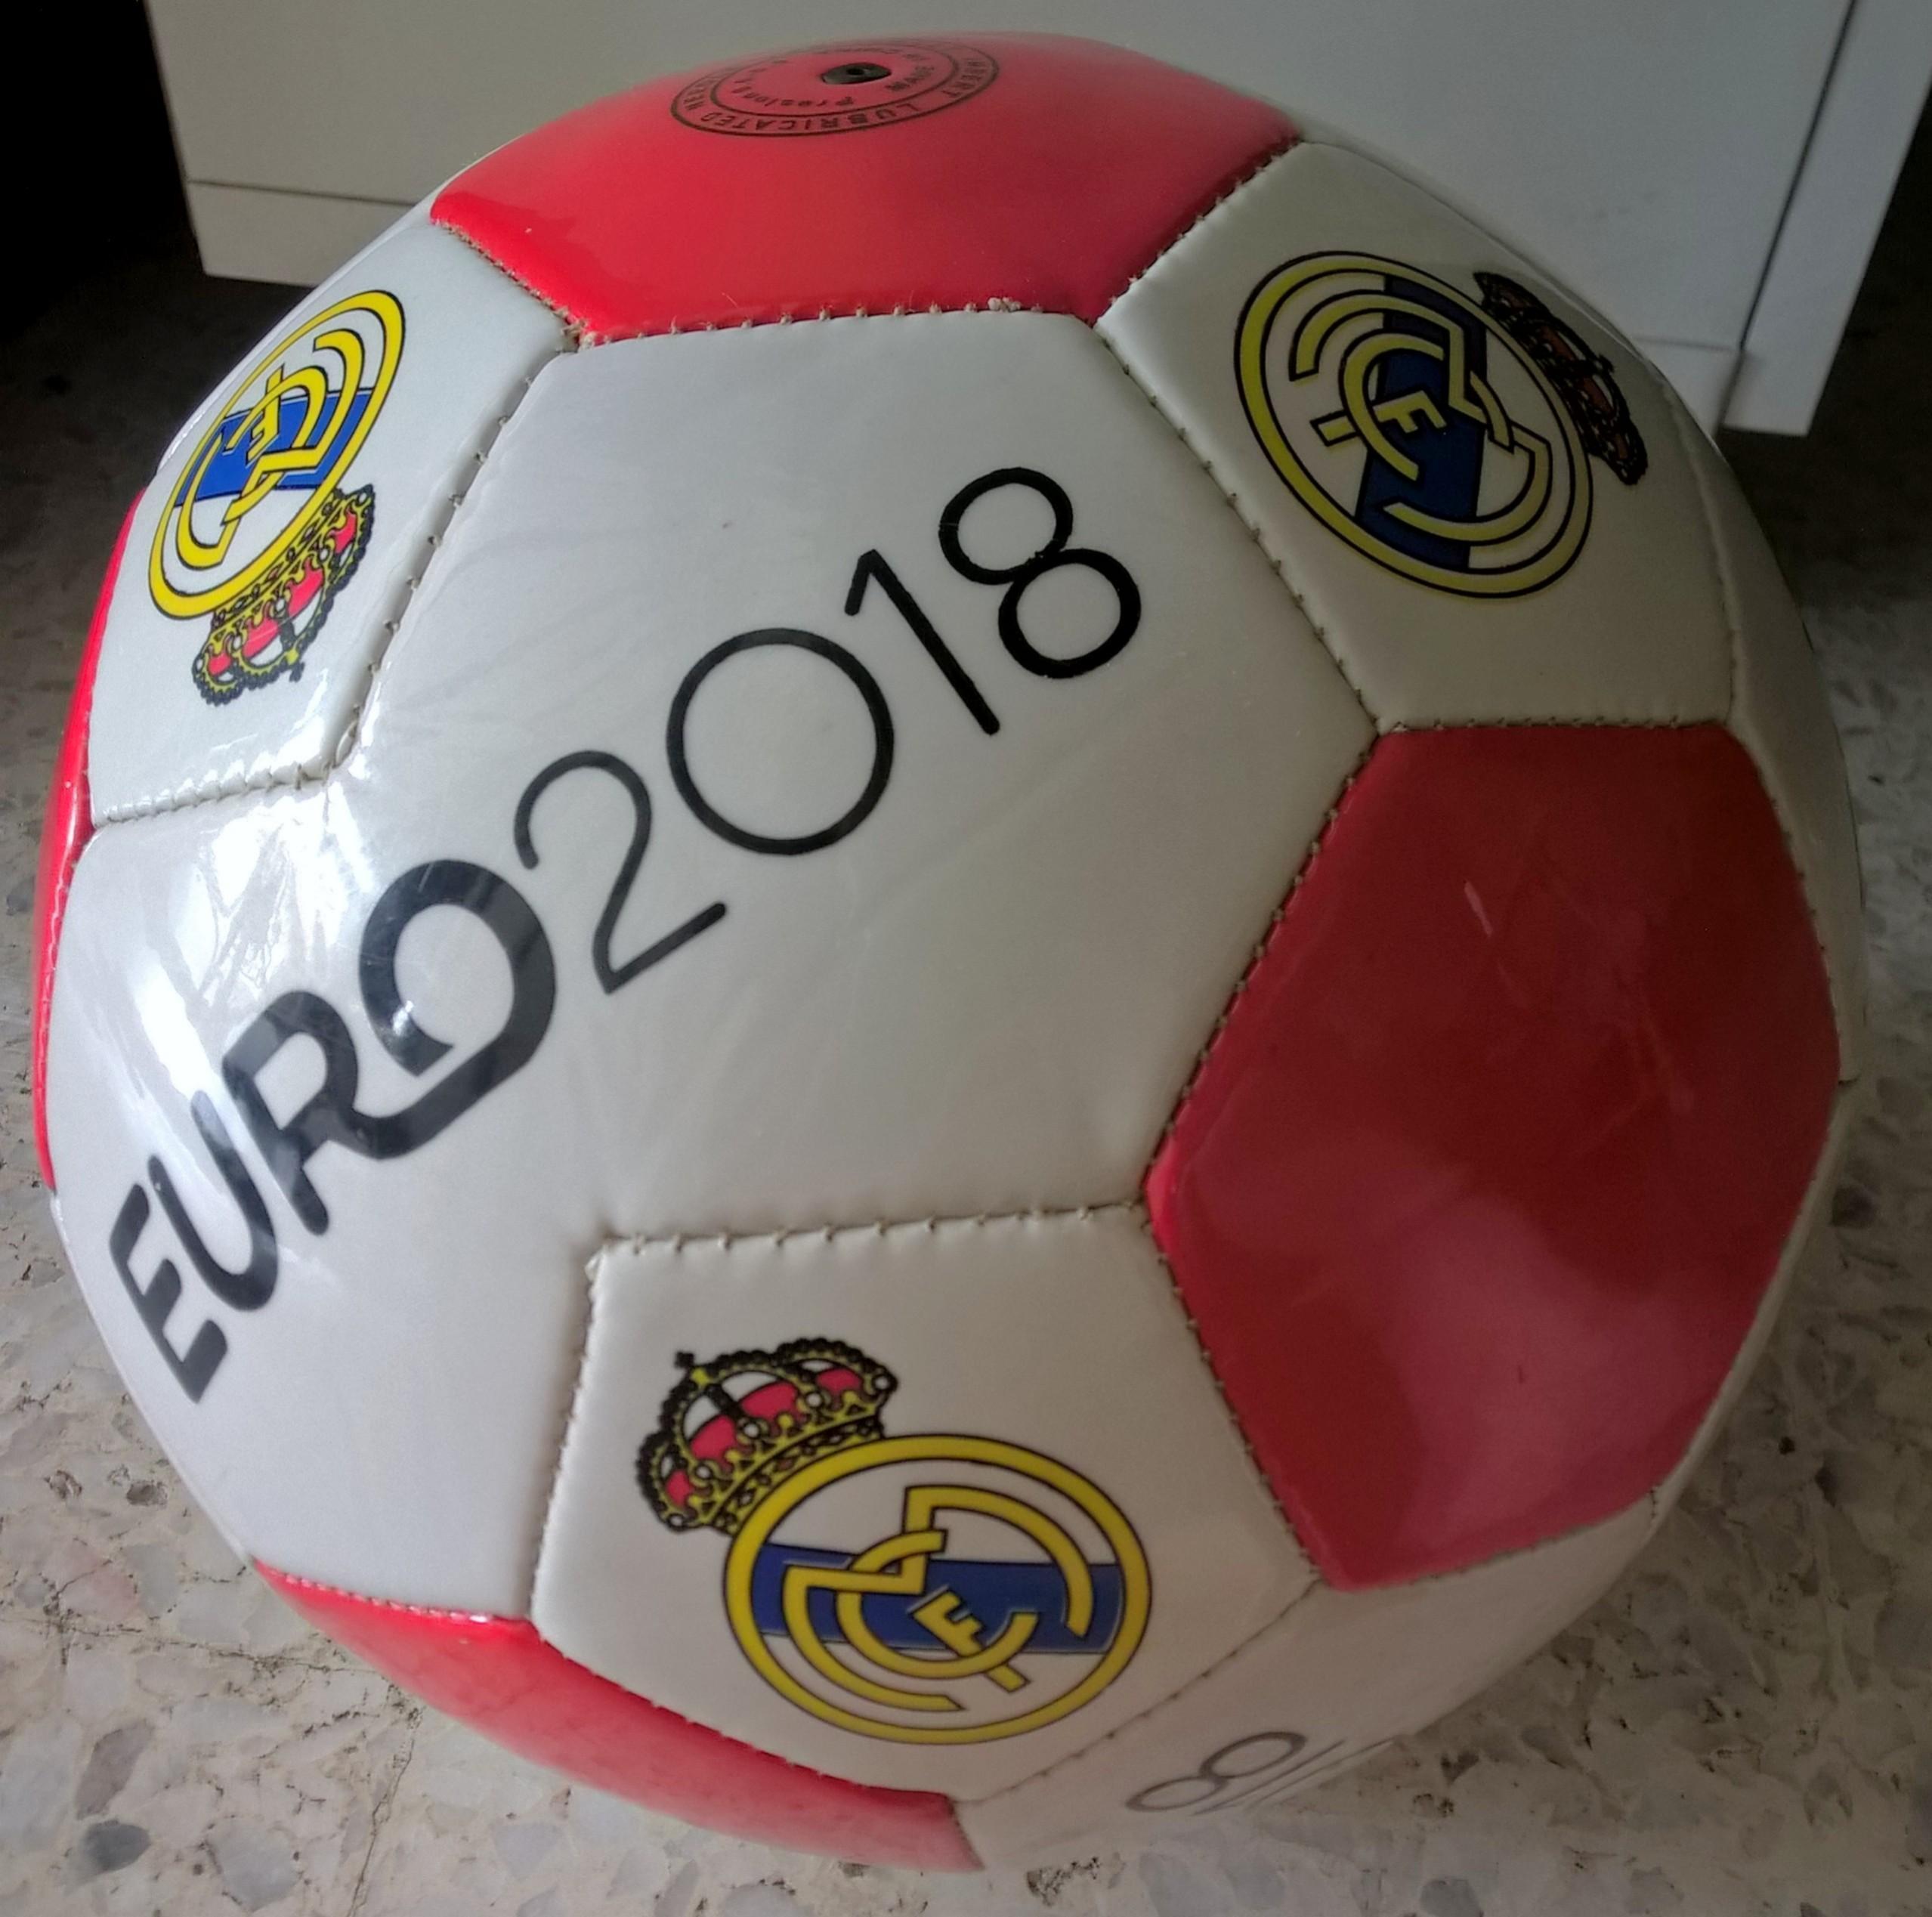 #10/10 EURO 2018 soccer ball